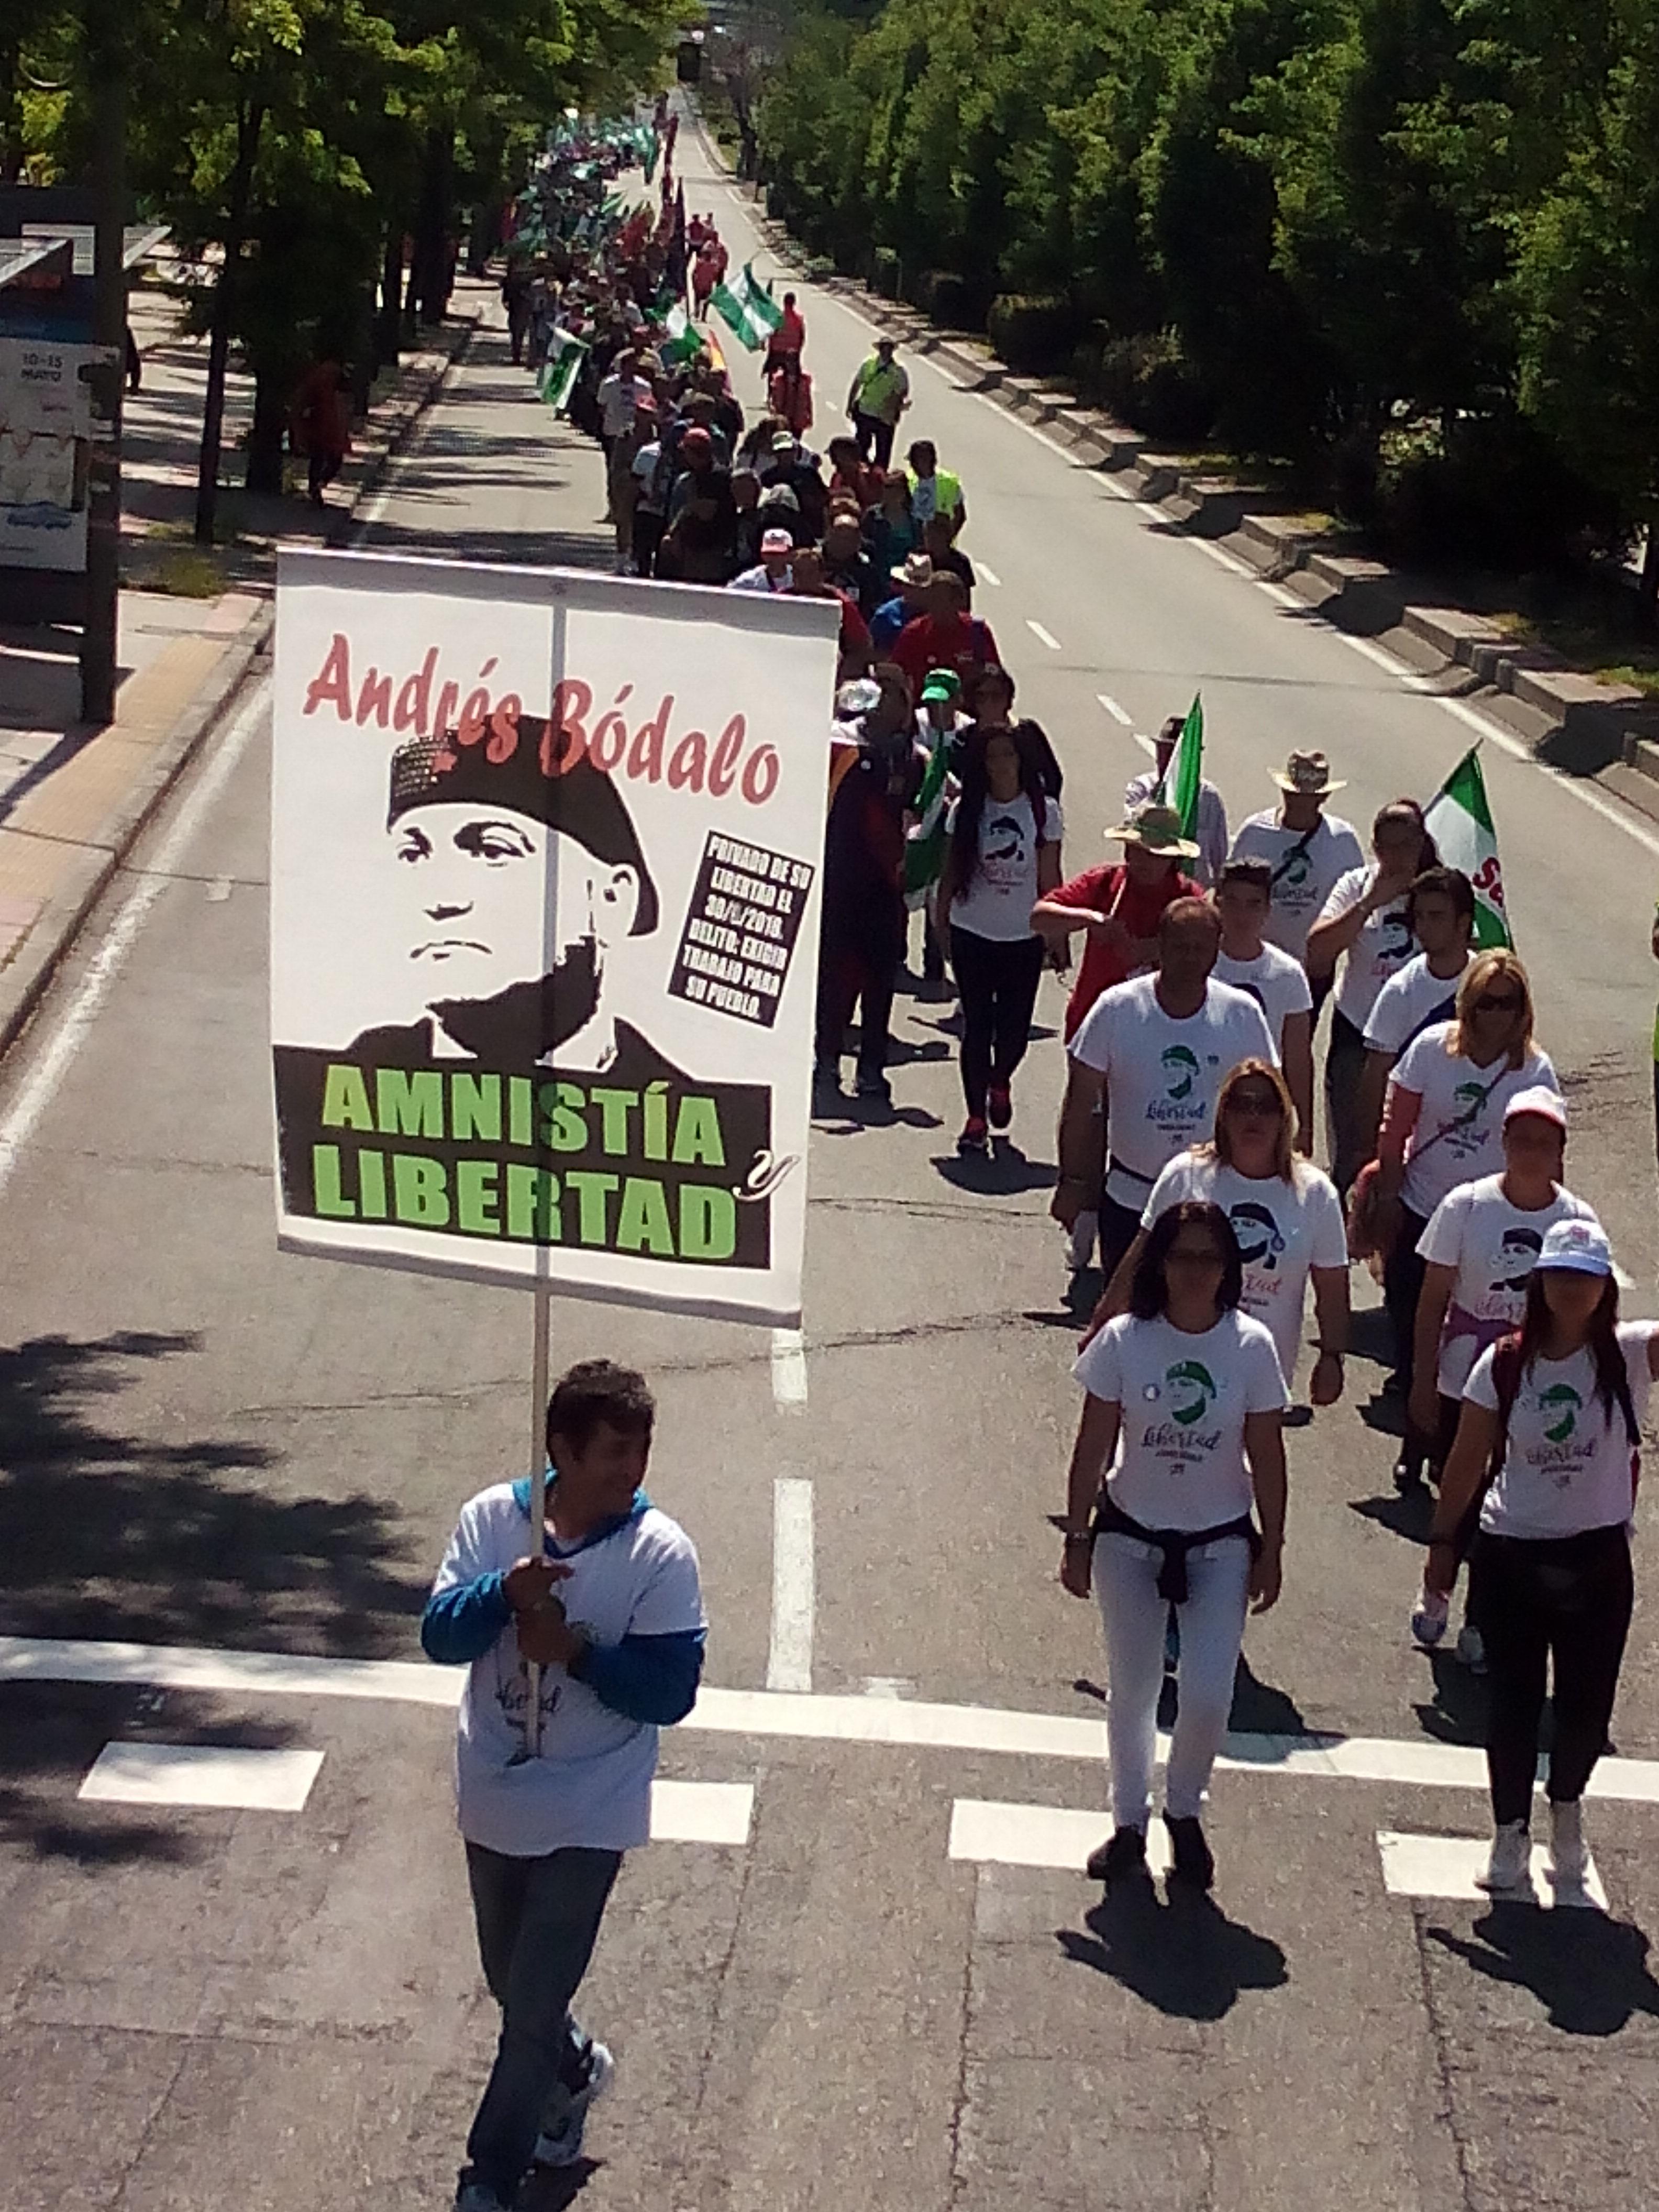 [Actualizado]Continúa la huelga de hambre del SAT por la libertad de Andrés Bodálo